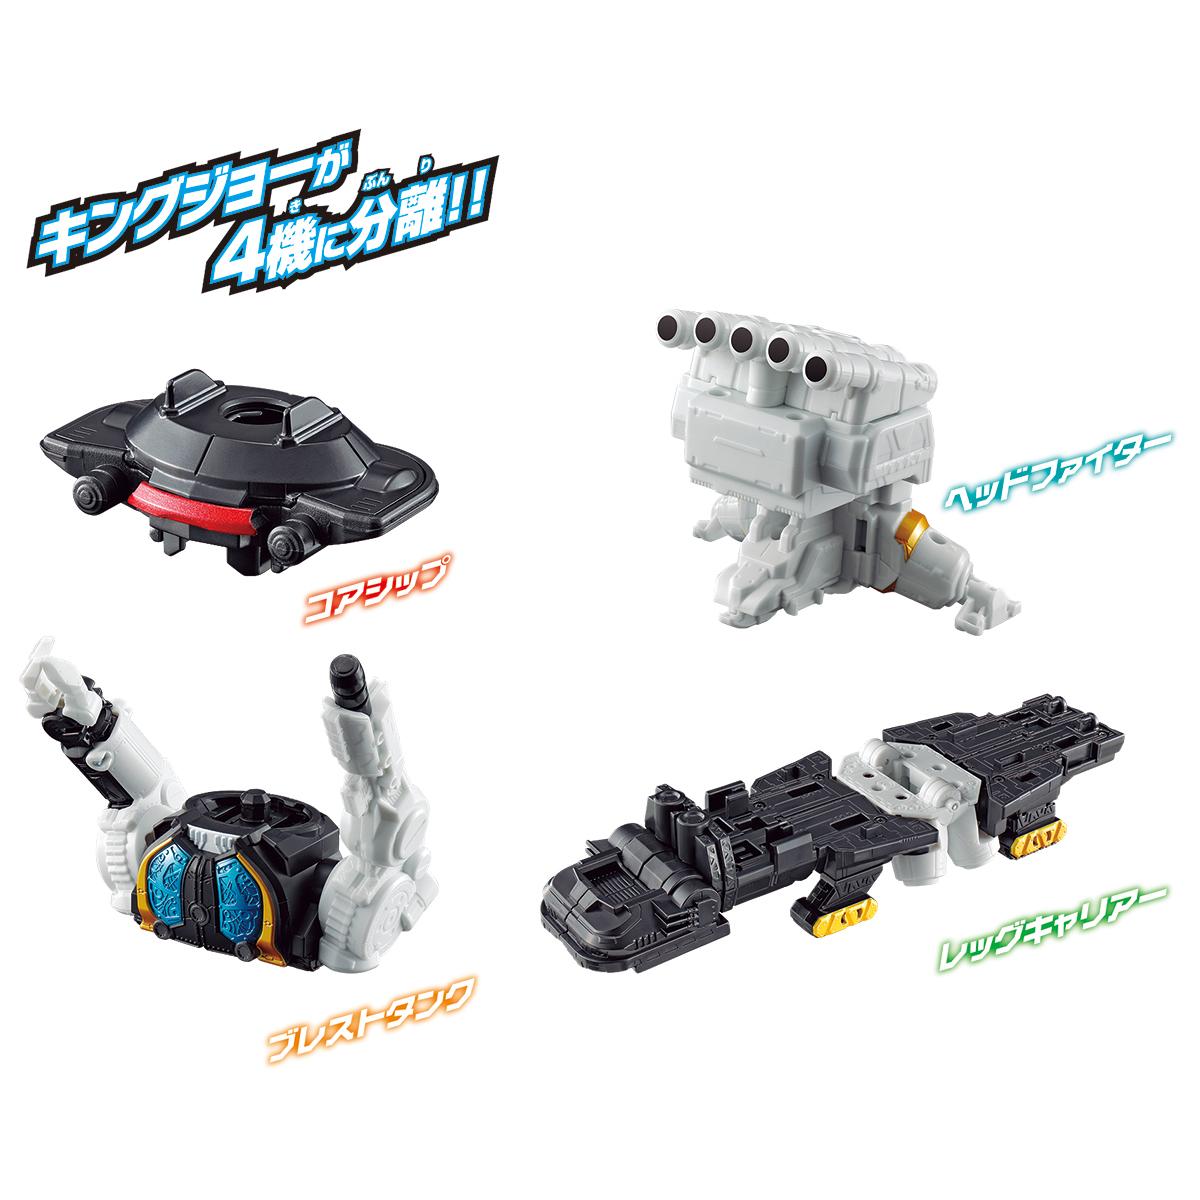 ウルトラマンZ『DXキングジョー ストレイジカスタム』合体変形可動フィギュア-002